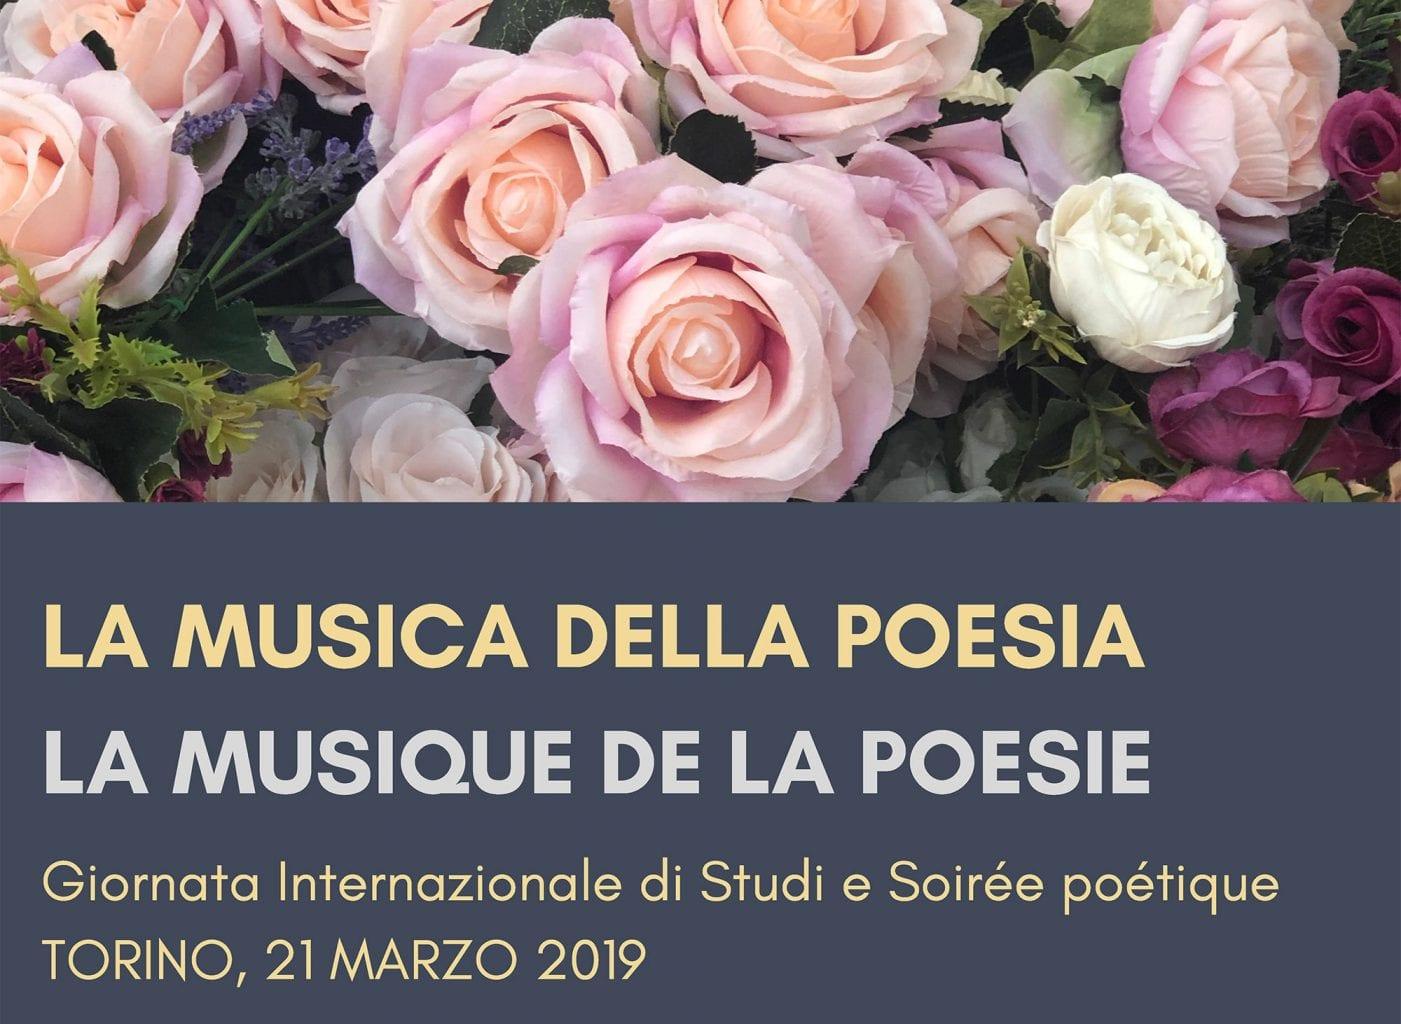 La musica della poesia a Torino